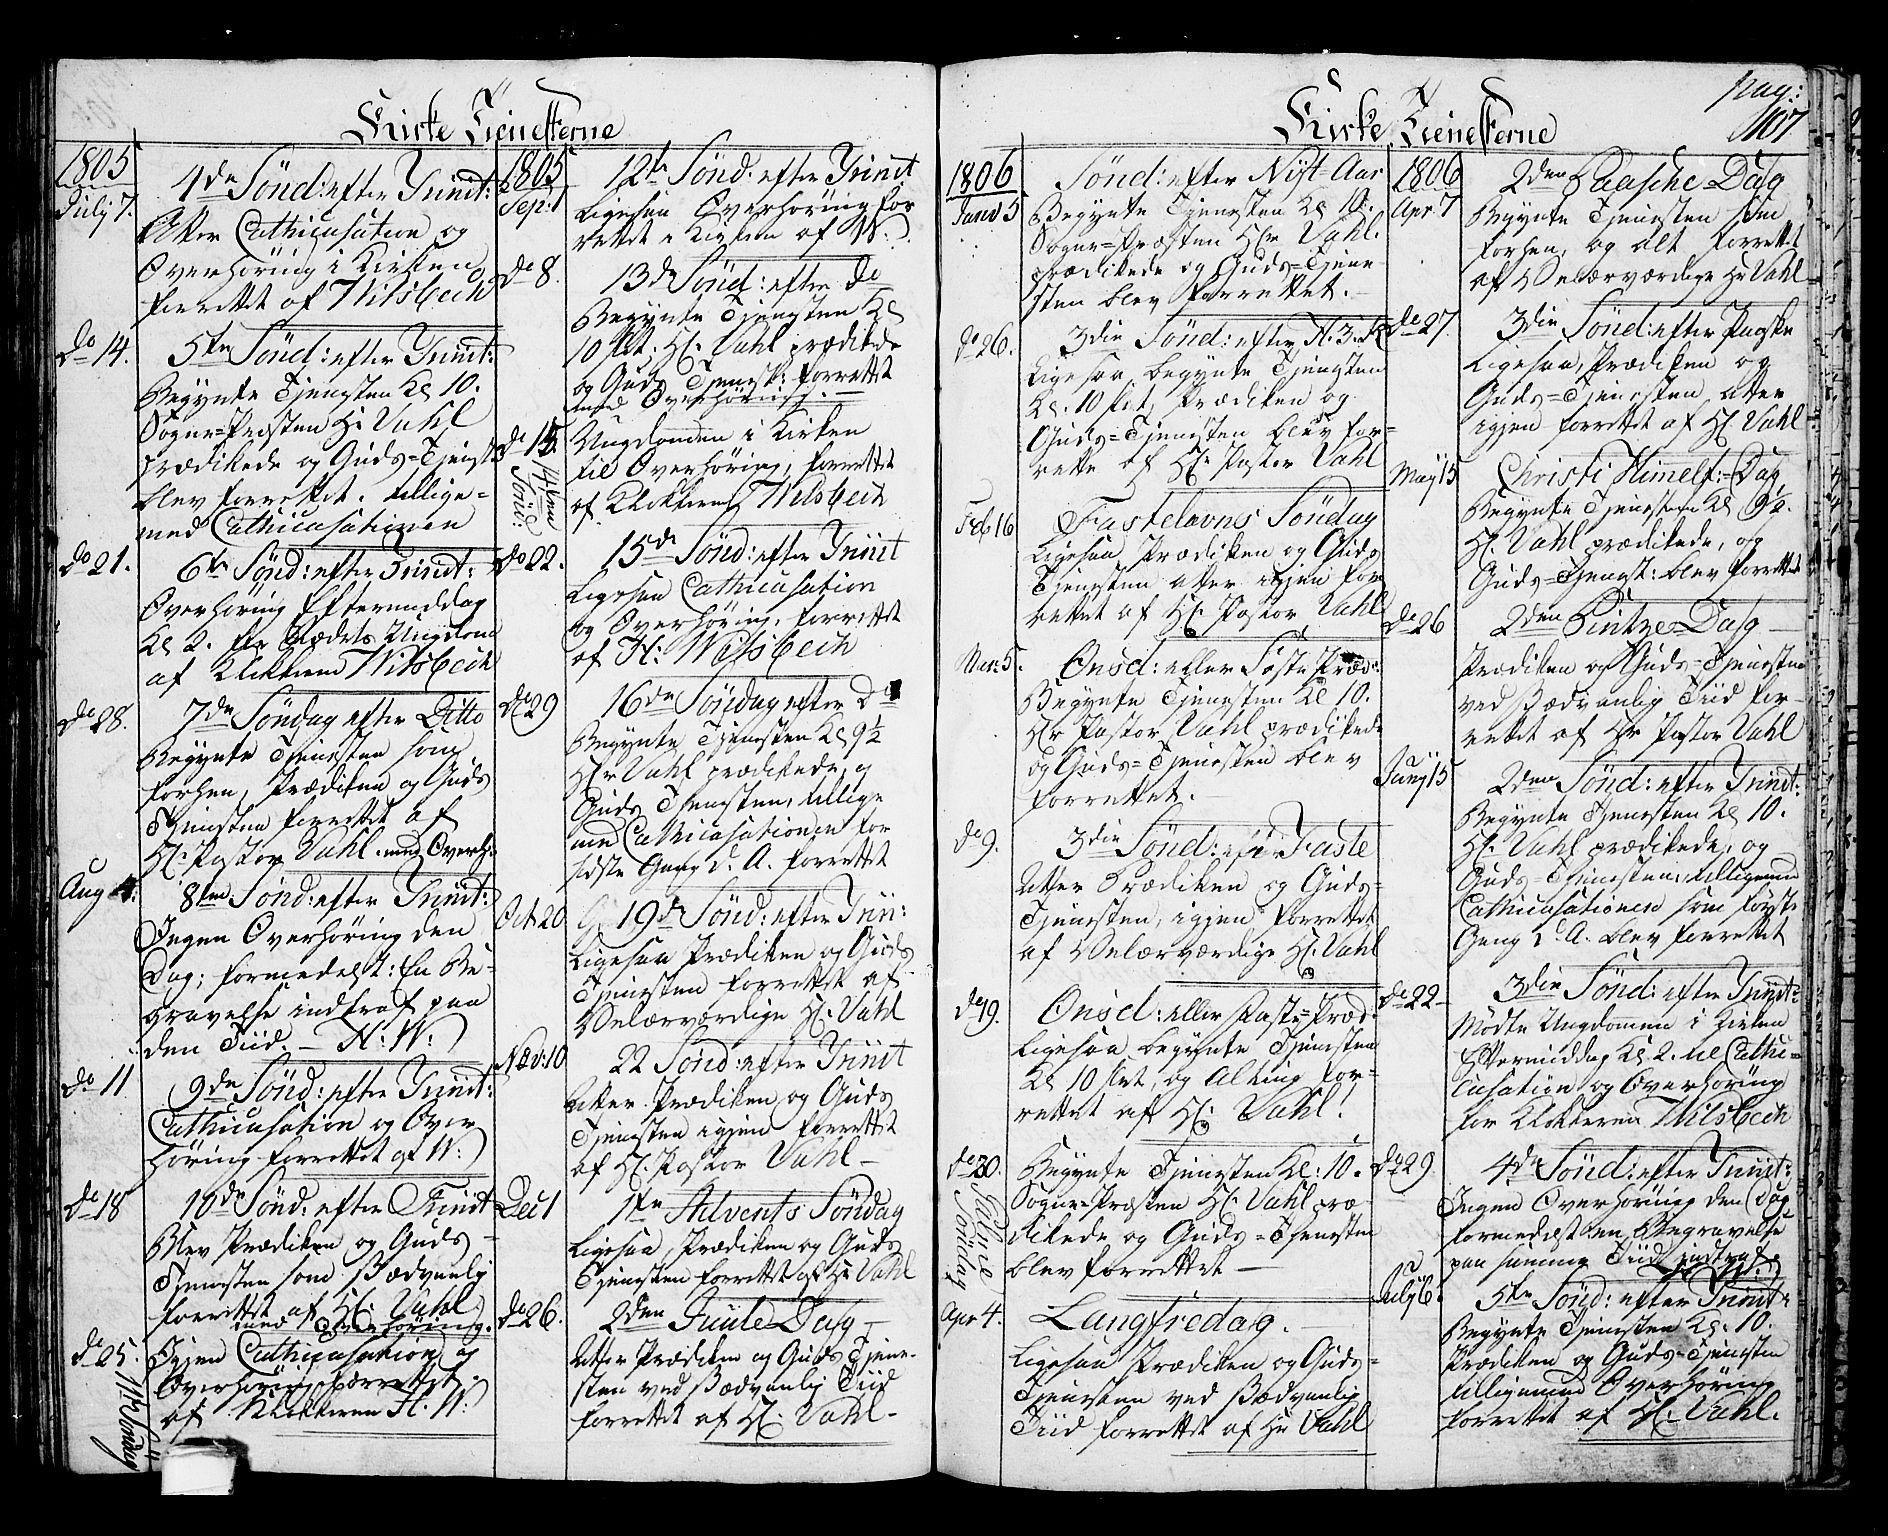 SAKO, Langesund kirkebøker, G/Ga/L0002: Klokkerbok nr. 2, 1801-1815, s. 107